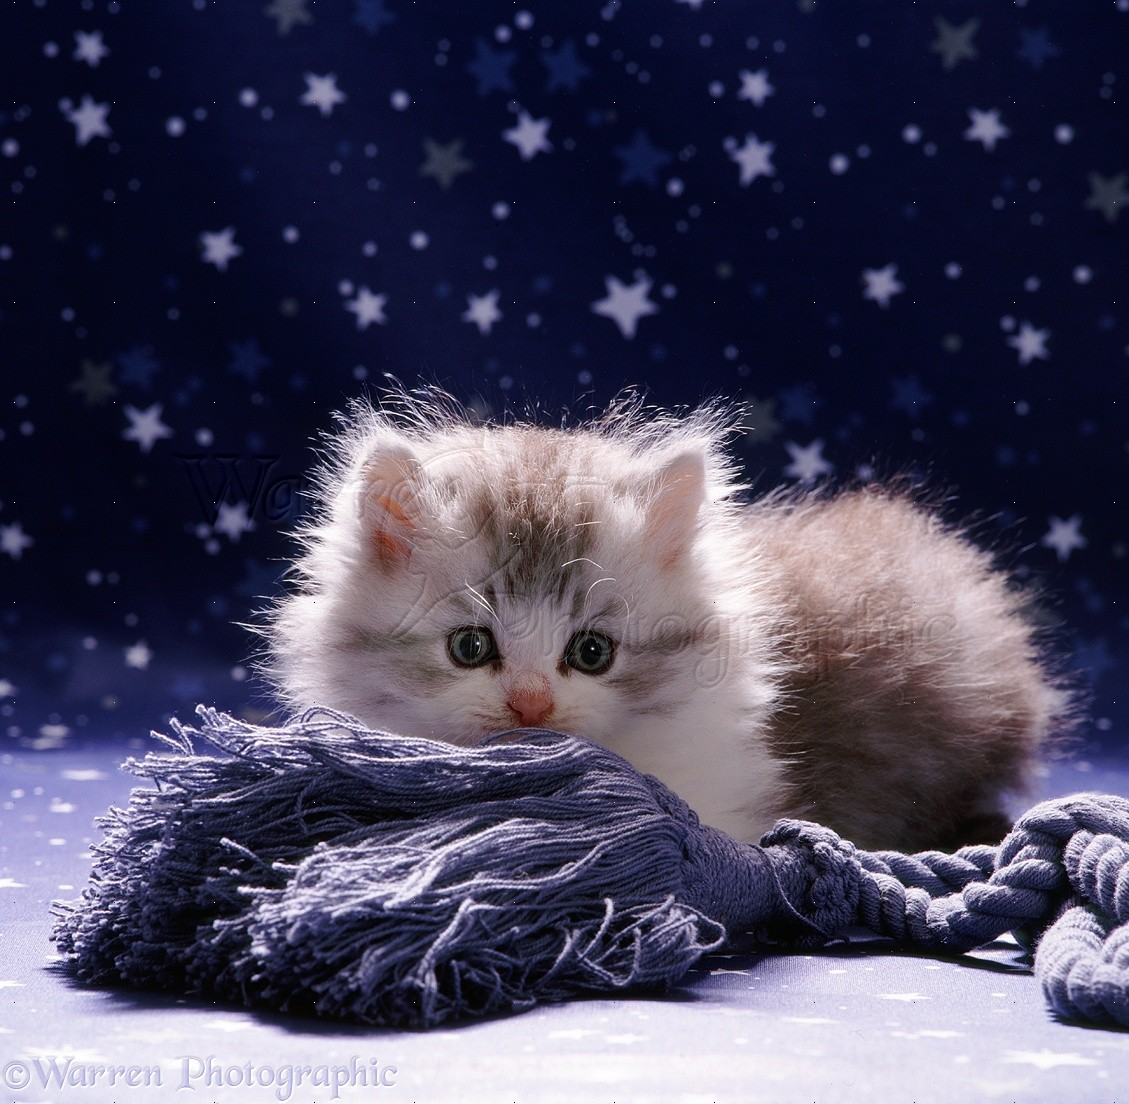 Fluffy kitten photo WP